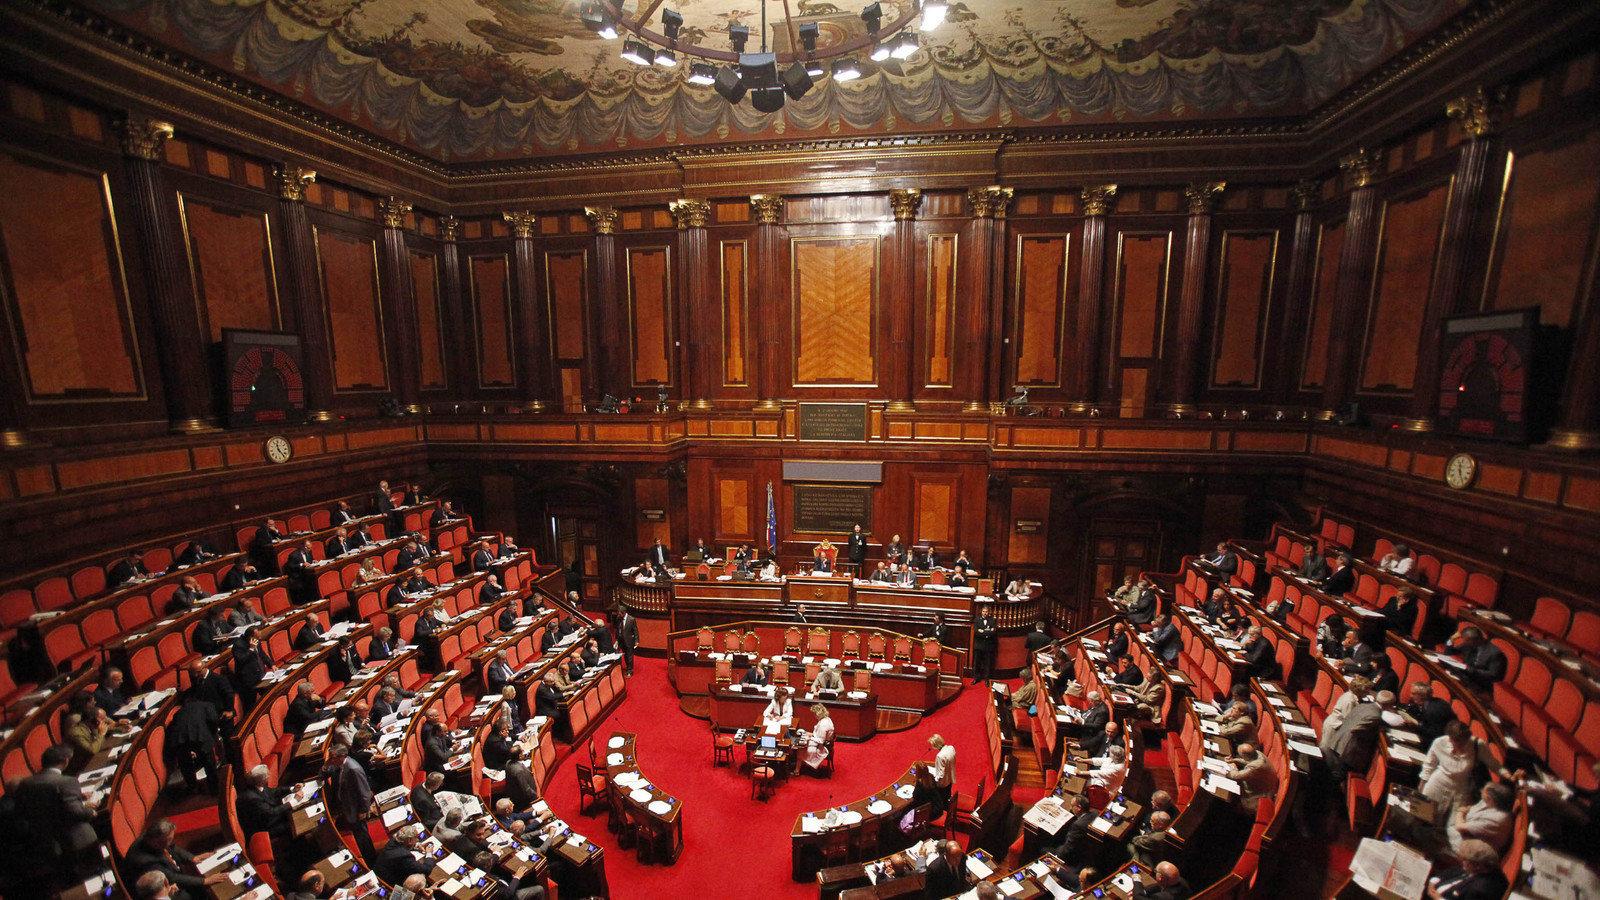 Petizione senato della repubblica sbloccare la for Senato della repubblica elenco senatori